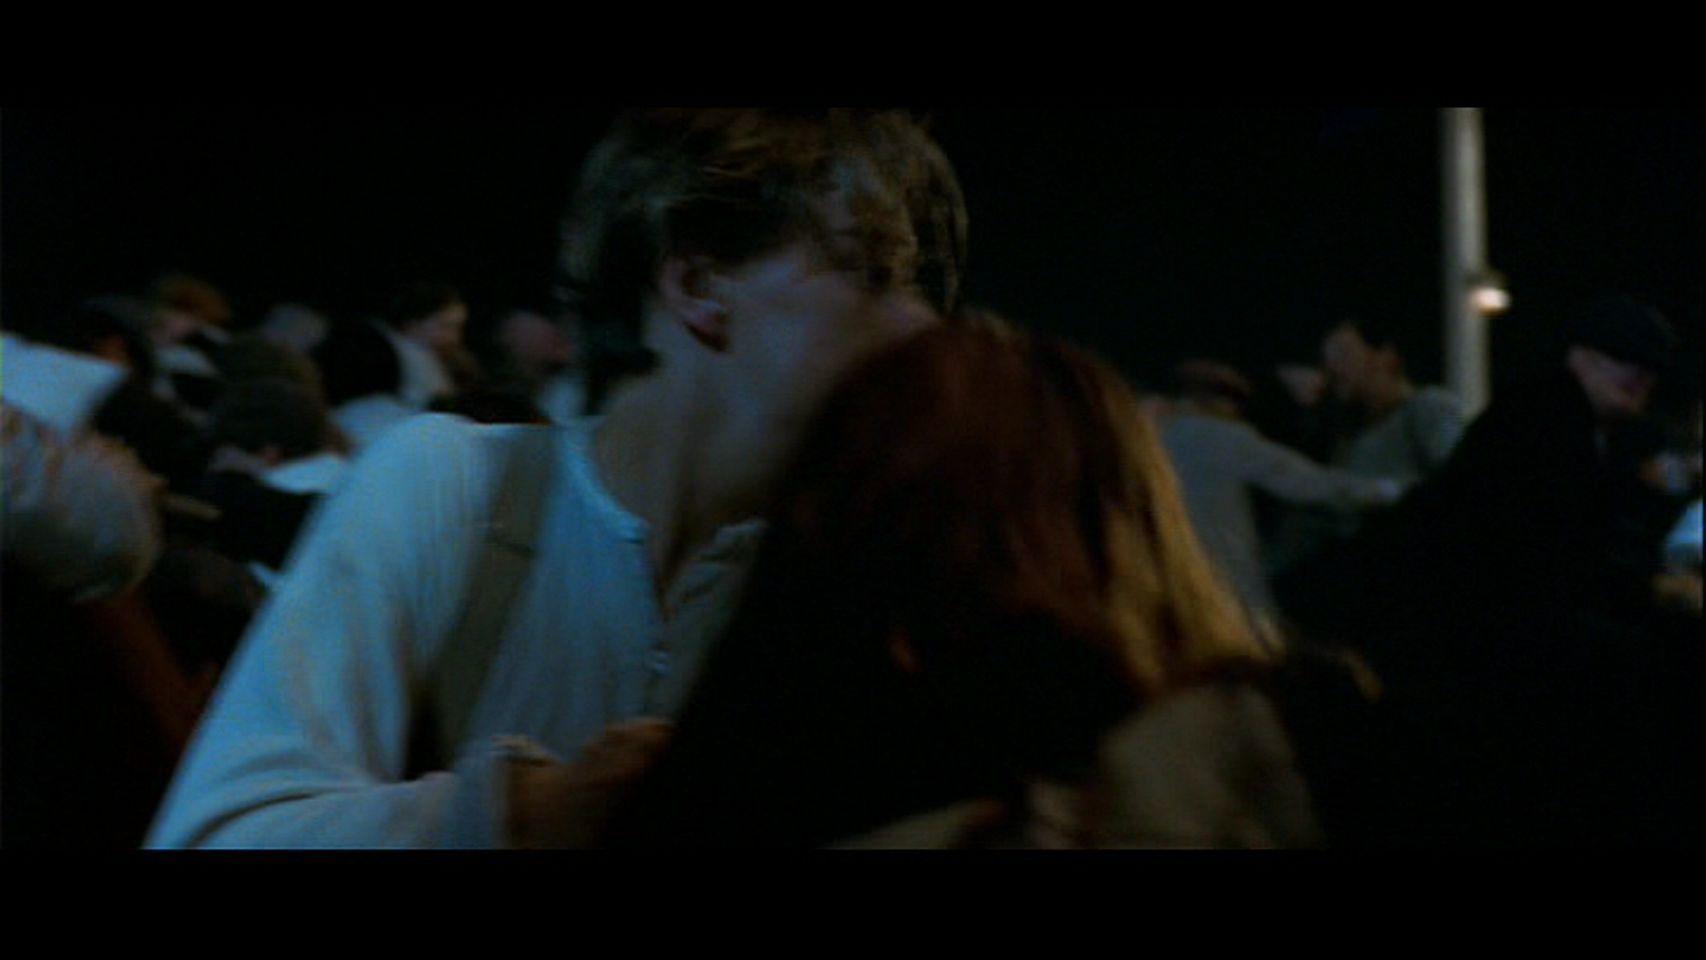 Titanic [1997] - Titanic Image (22288208) - Fanpop